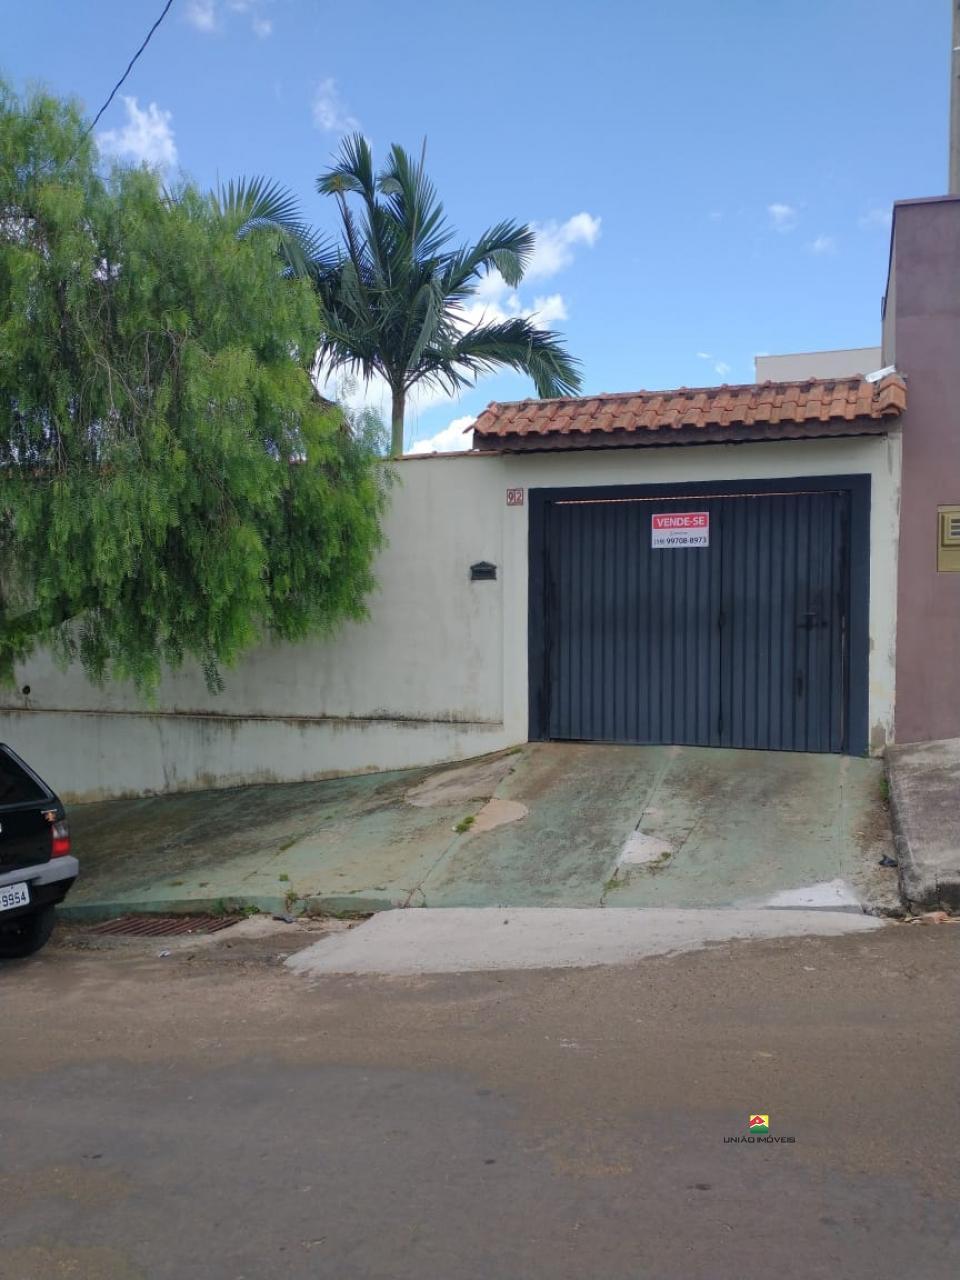 http://www2.sgn2.com.br/clientes/itirapina/vda/v2504a.jpg